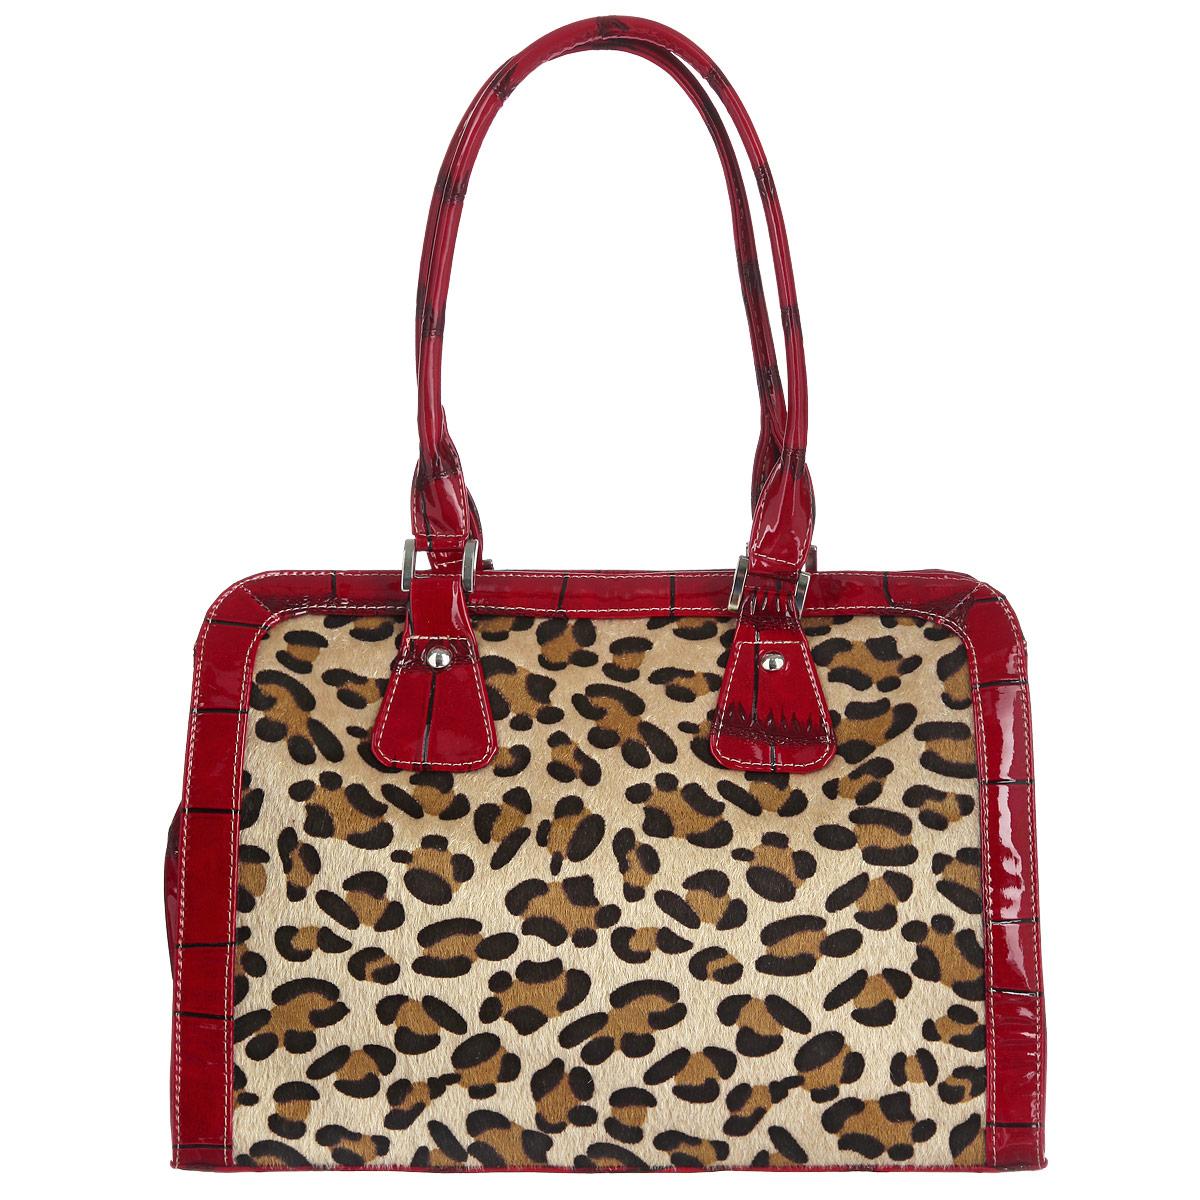 Сумка женская Antan, цвет: красный, коричневый, бежевый. 766 В4106черныеОригинальна сумка Antan выполнена из искусственной лакированной кожи с тиснением под рептилию, декорирована вставкой из искусственного меха с оригинальной леопардовой расцветкой. Модель имеет одно главное отделение, закрывающееся на застежку-молнию. Внутри расположен врезной карман, закрывающийся на застежку-молнию, и два накладных кармана для телефона и мелочей. На тыльной стороне сумки имеется врезной карман на молнии. Сумка оснащена двумя удобными ручками, позволяющими носить ее и в руках, и на плече.Модная сумка подчеркнет ваш яркий стиль и сделает образ оригинальным и завершенным.